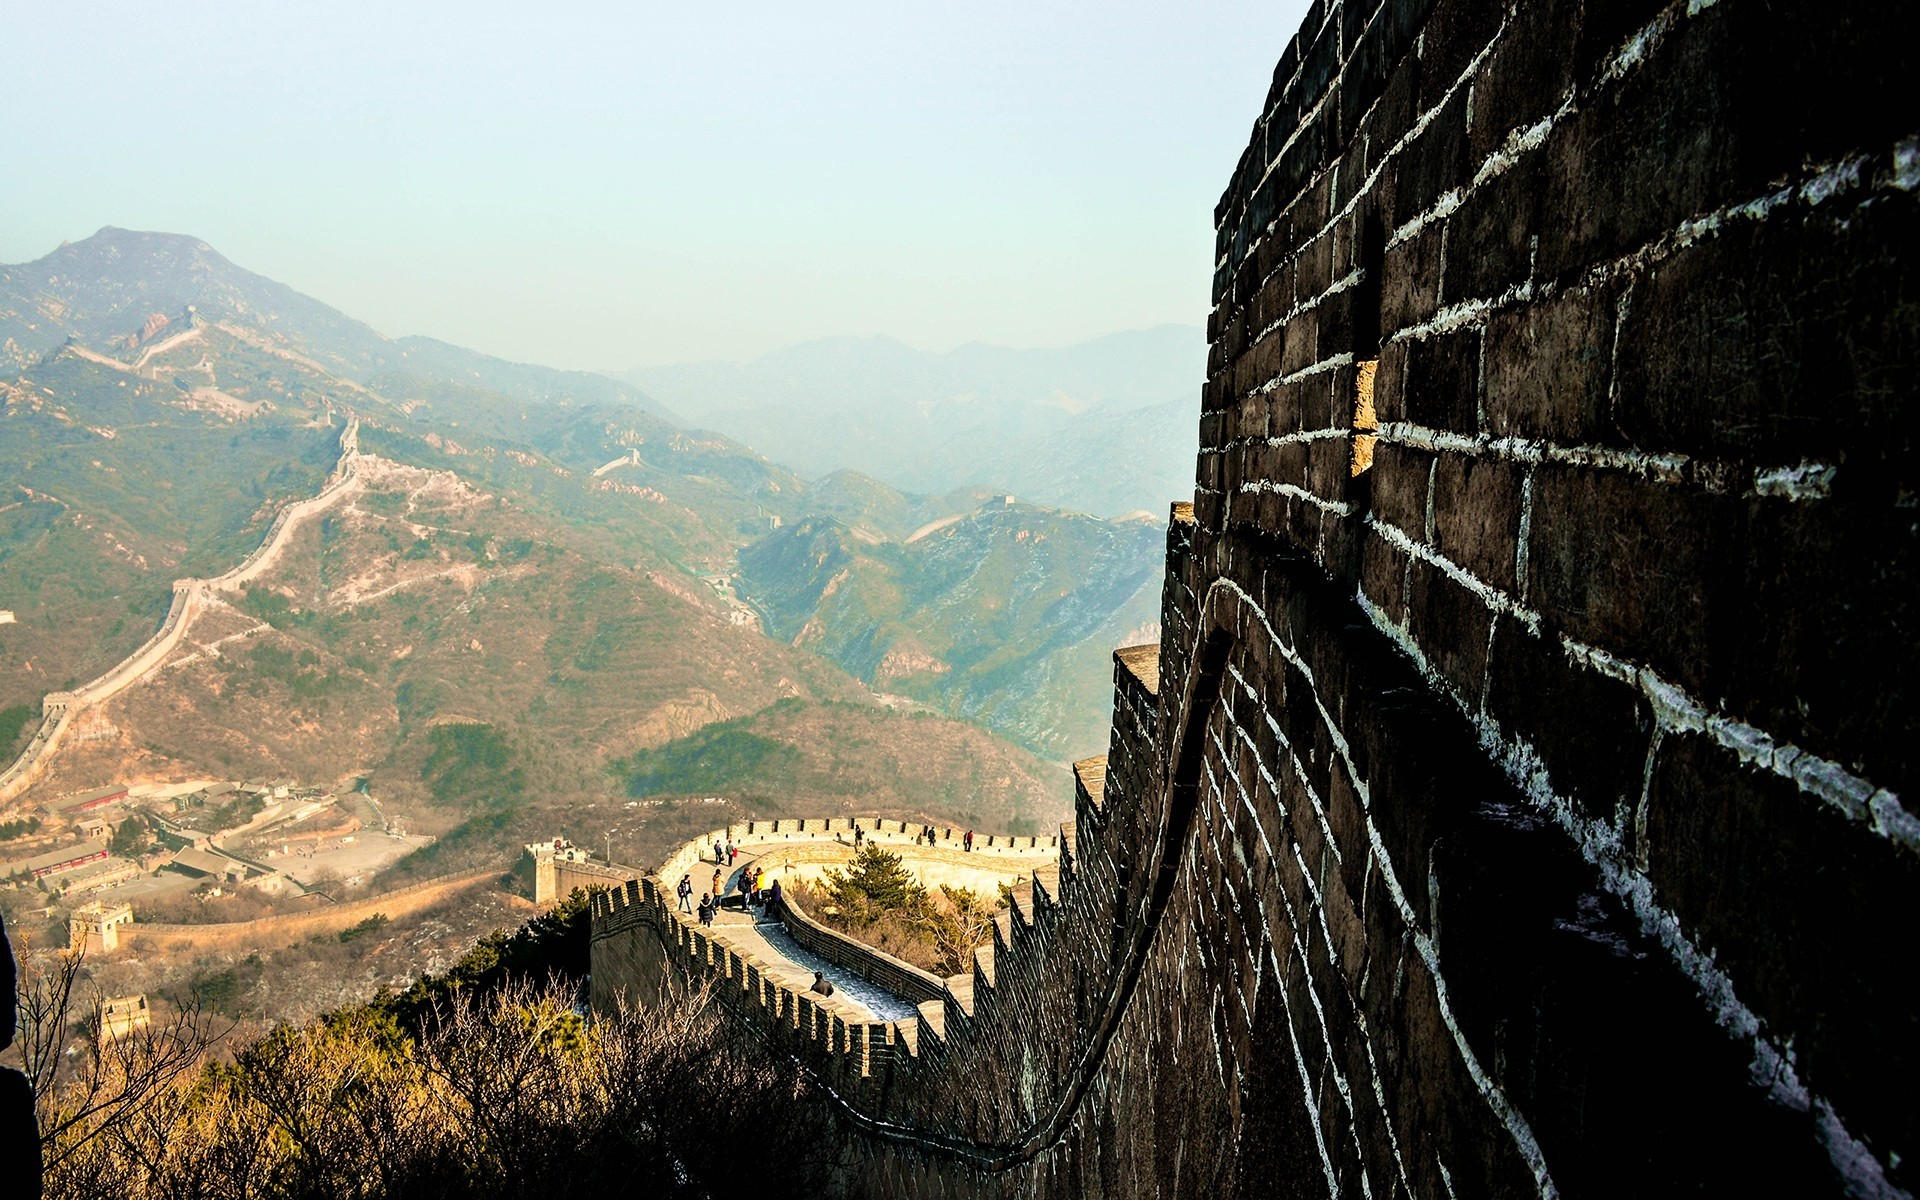 #Great Wall of China, #landscape, #China | Wallpaper No .